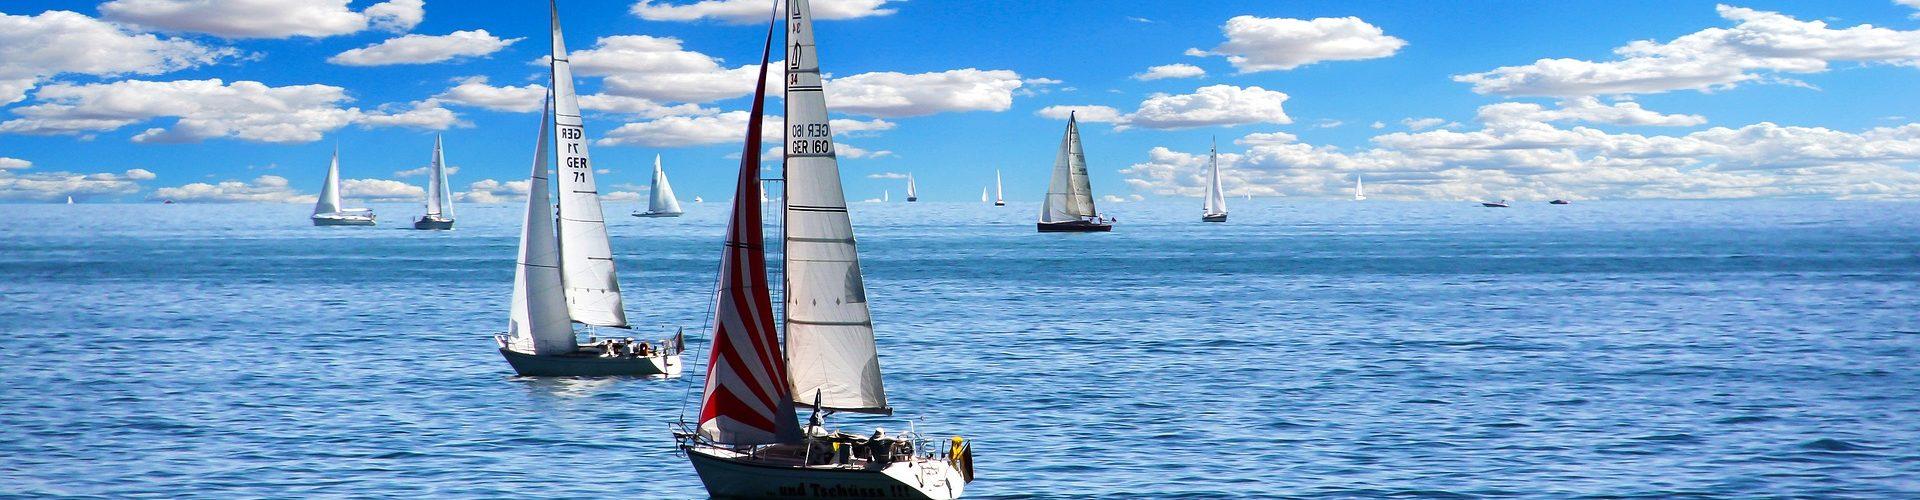 segeln lernen in Mihla segelschein machen in Mihla 1920x500 - Segeln lernen in Mihla